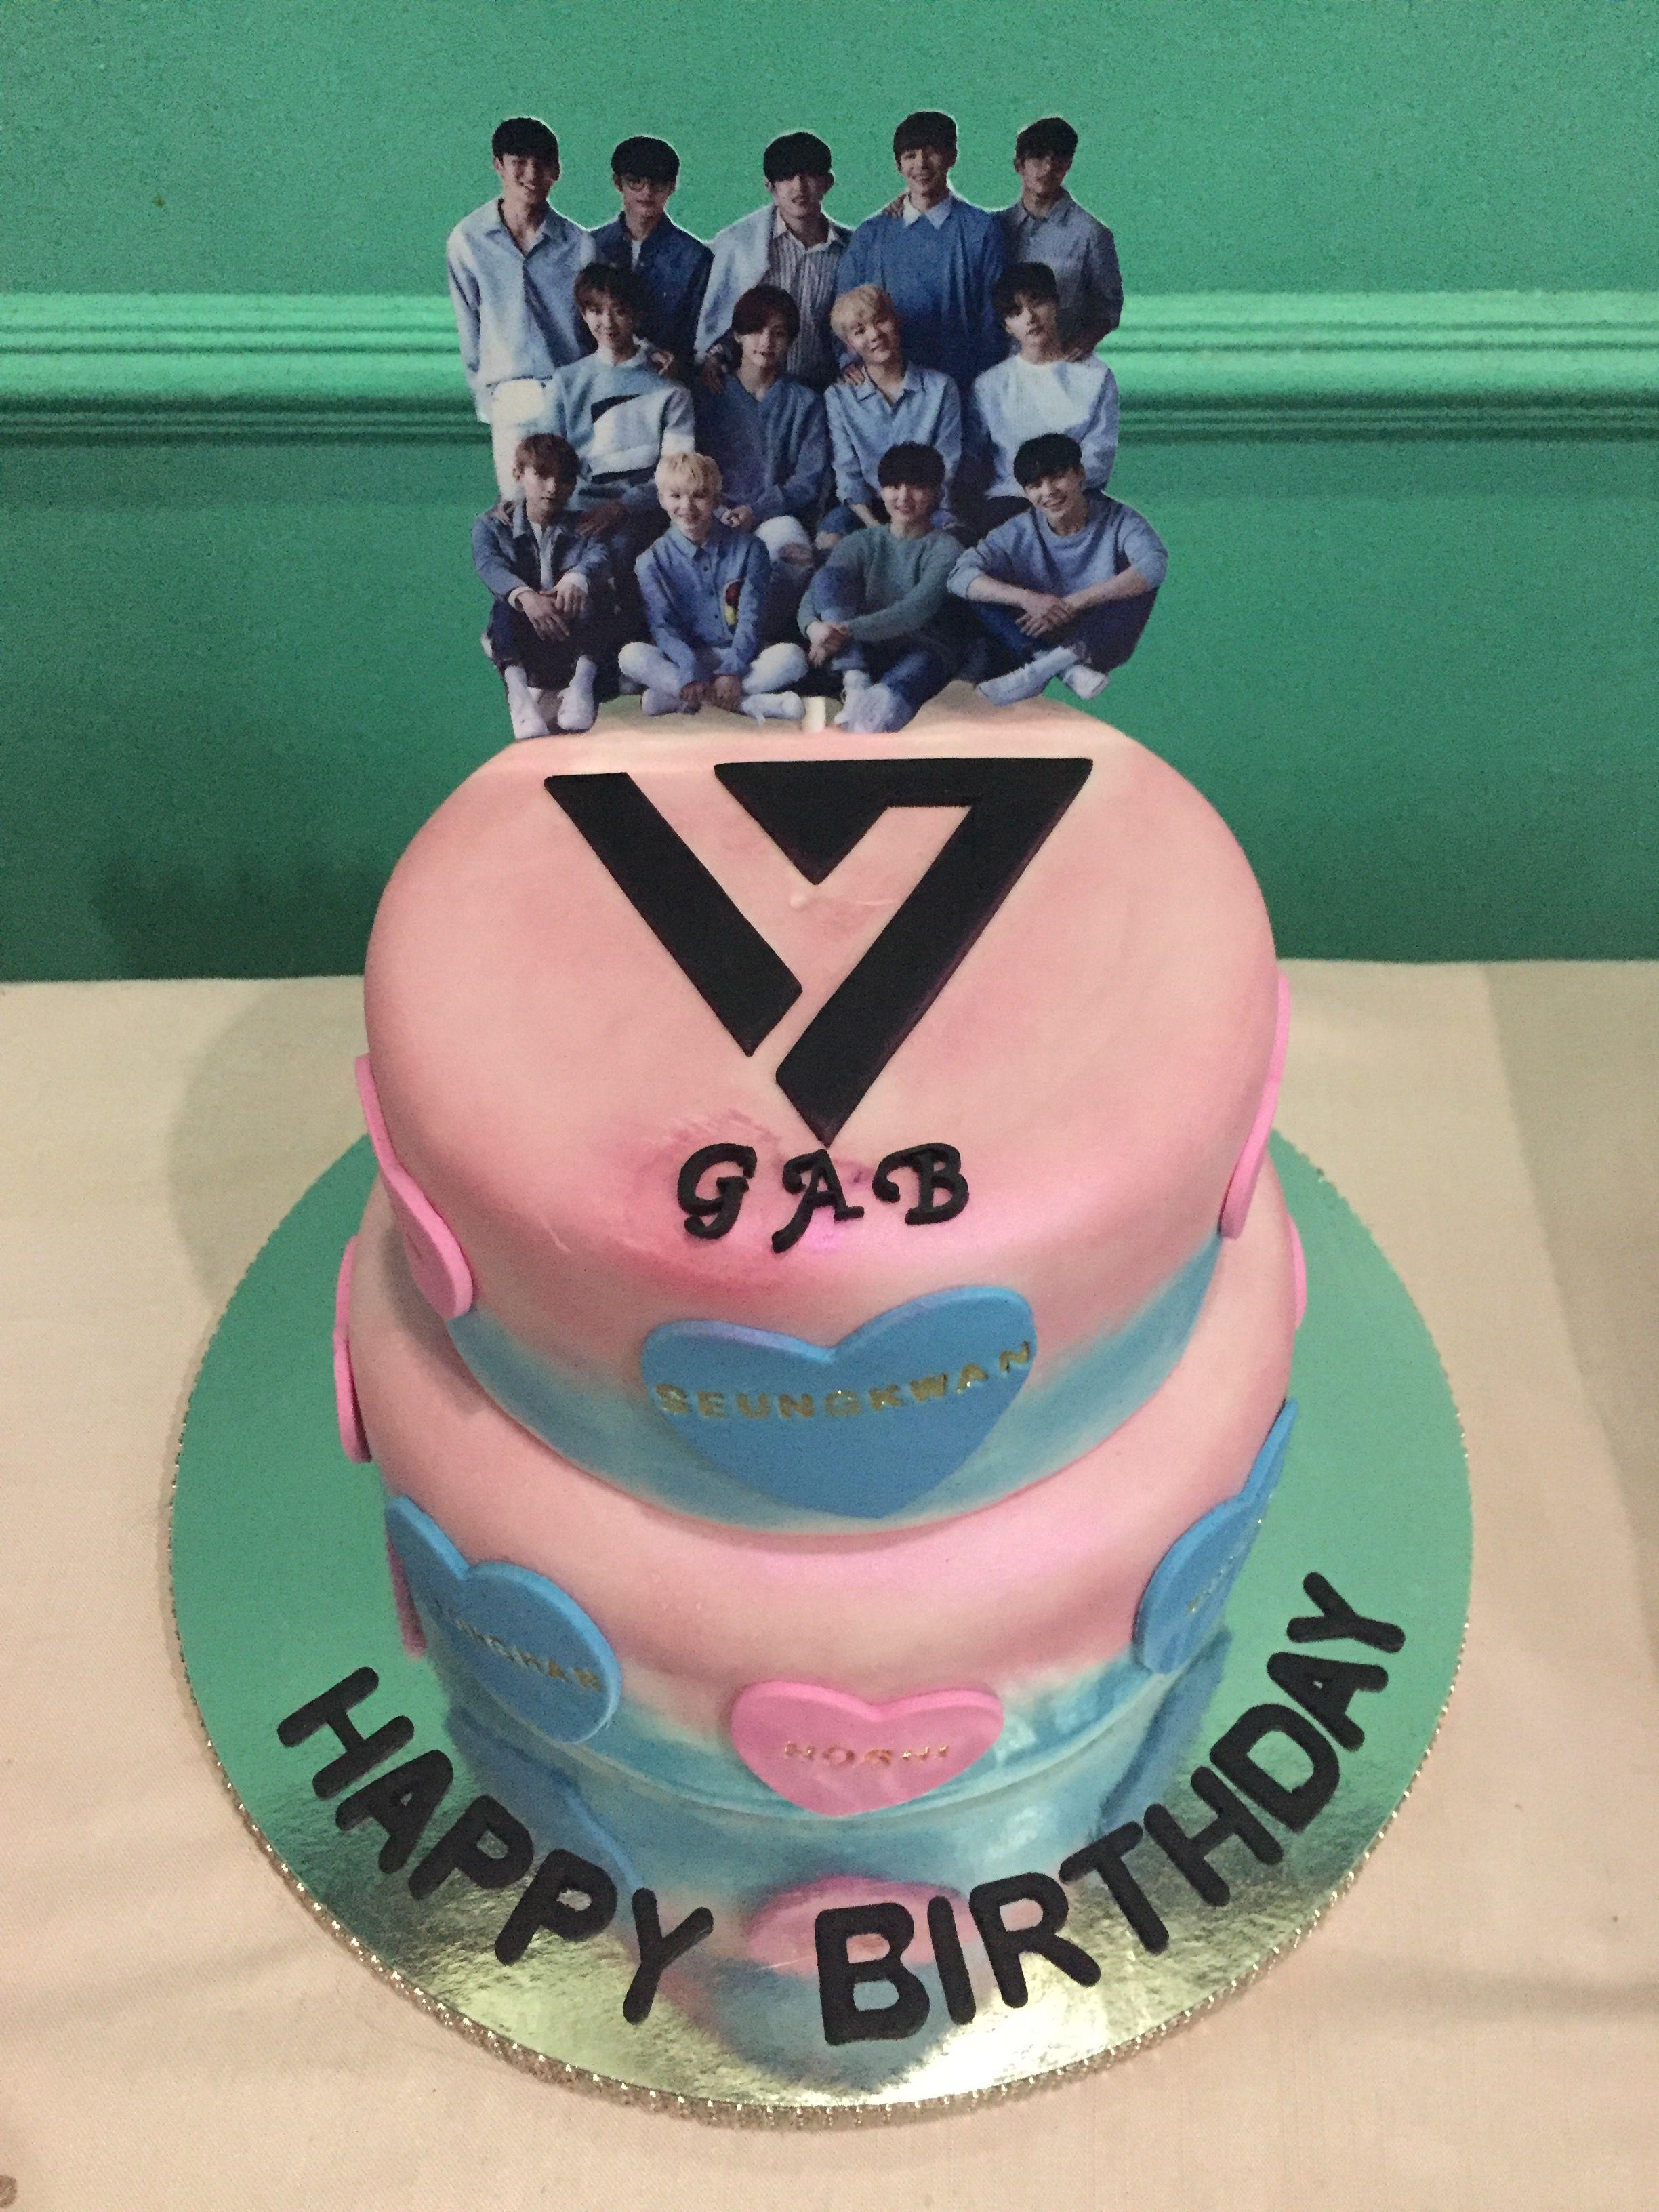 seventeen kpop cake design Seventeen cake  Kue ulang tahun, Kue, Makanan